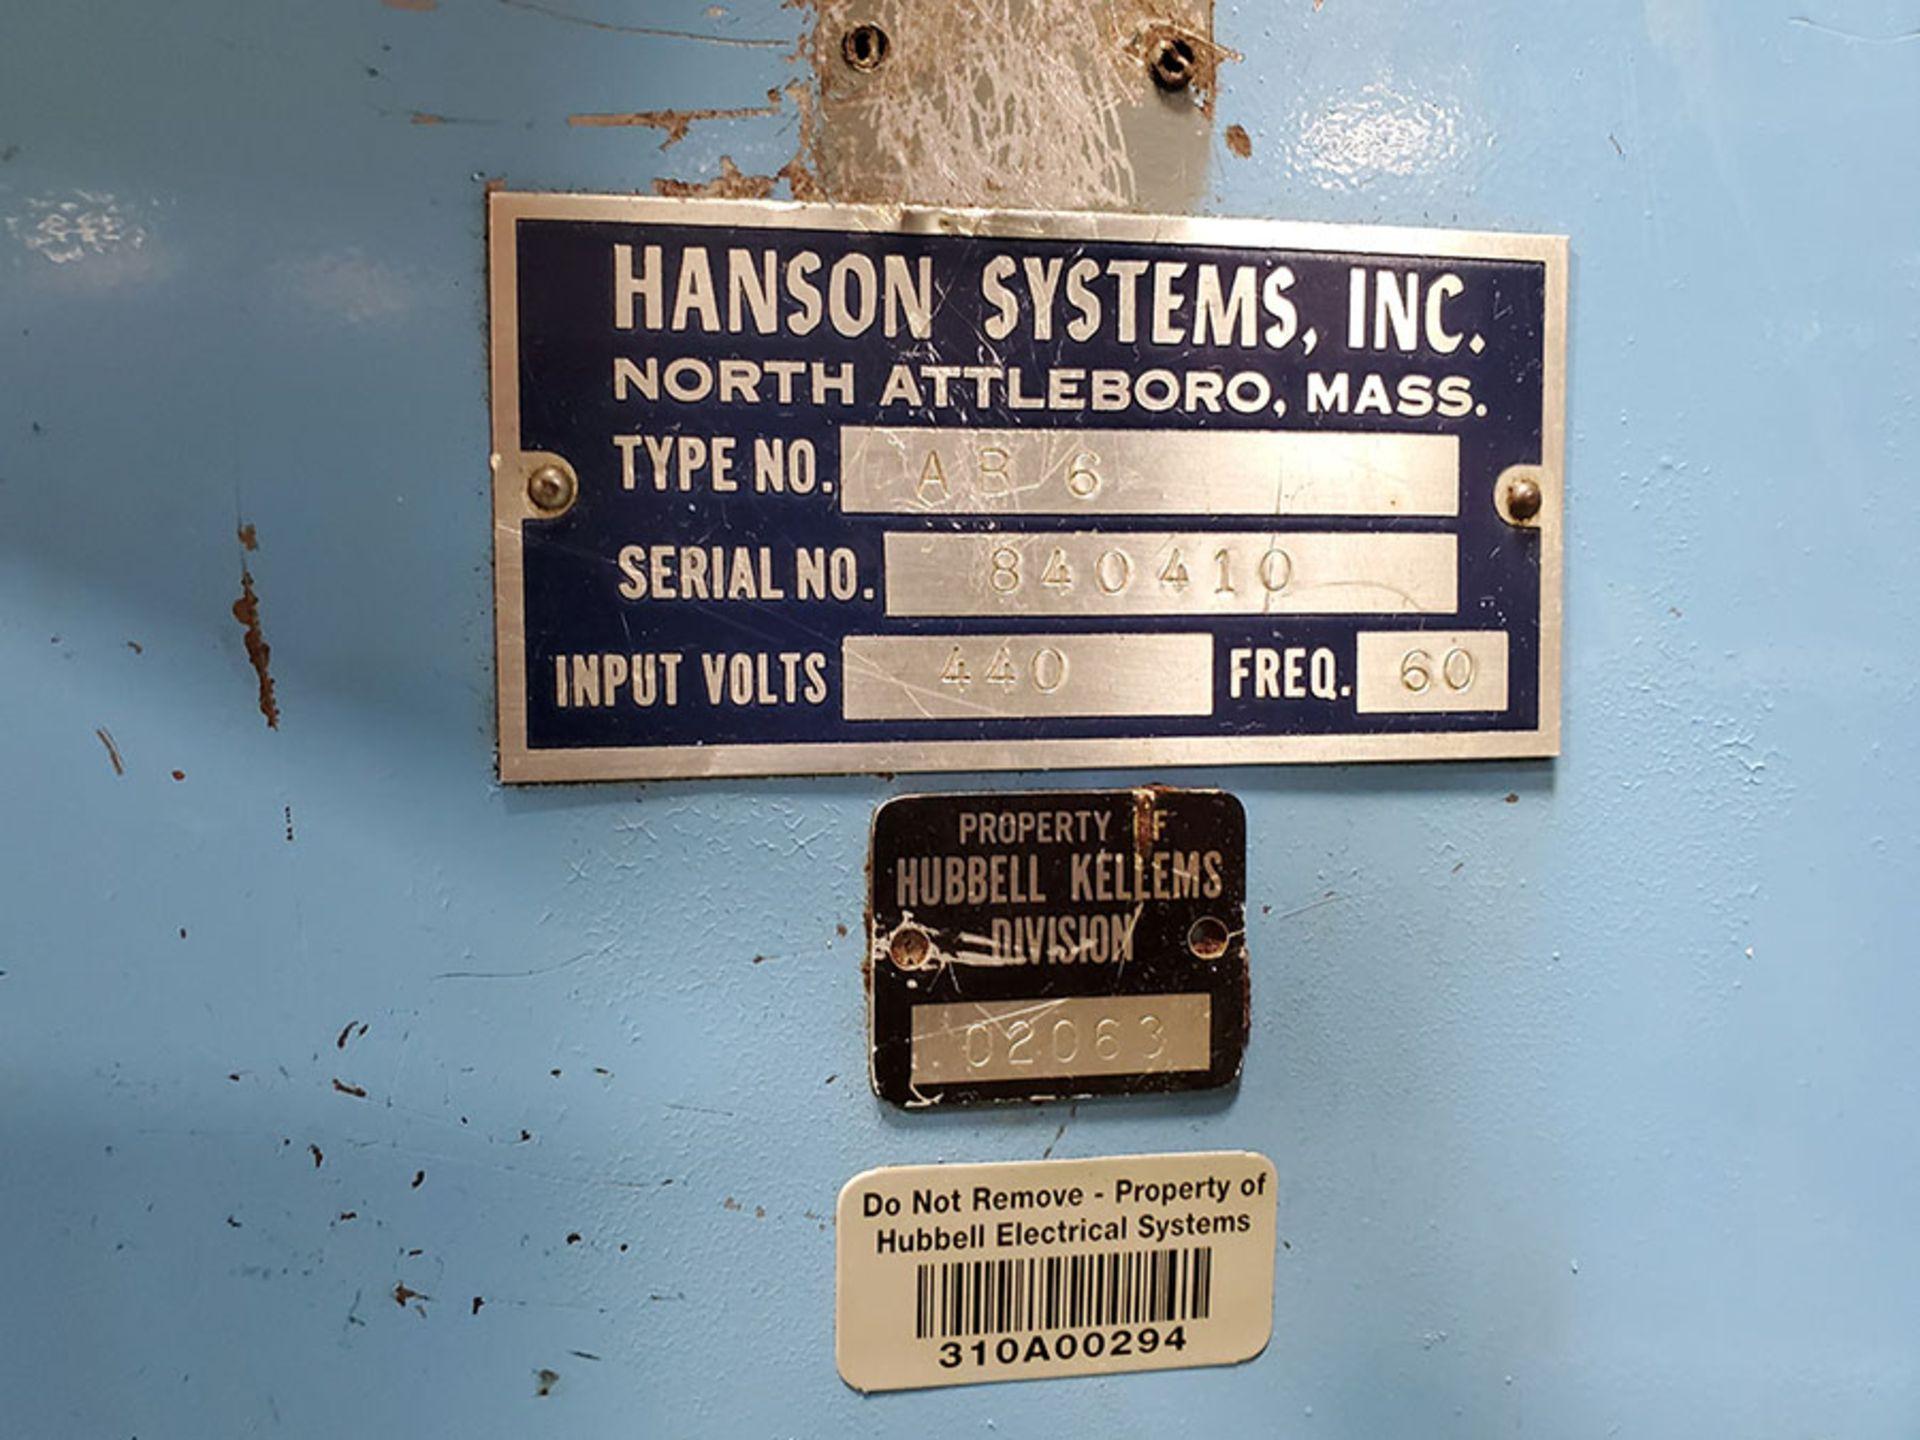 Lot 86A - HANSON SPOT WELDER; TYPE AB-6, S/N 840410, INPUT VOLTS 440, FREG. 60